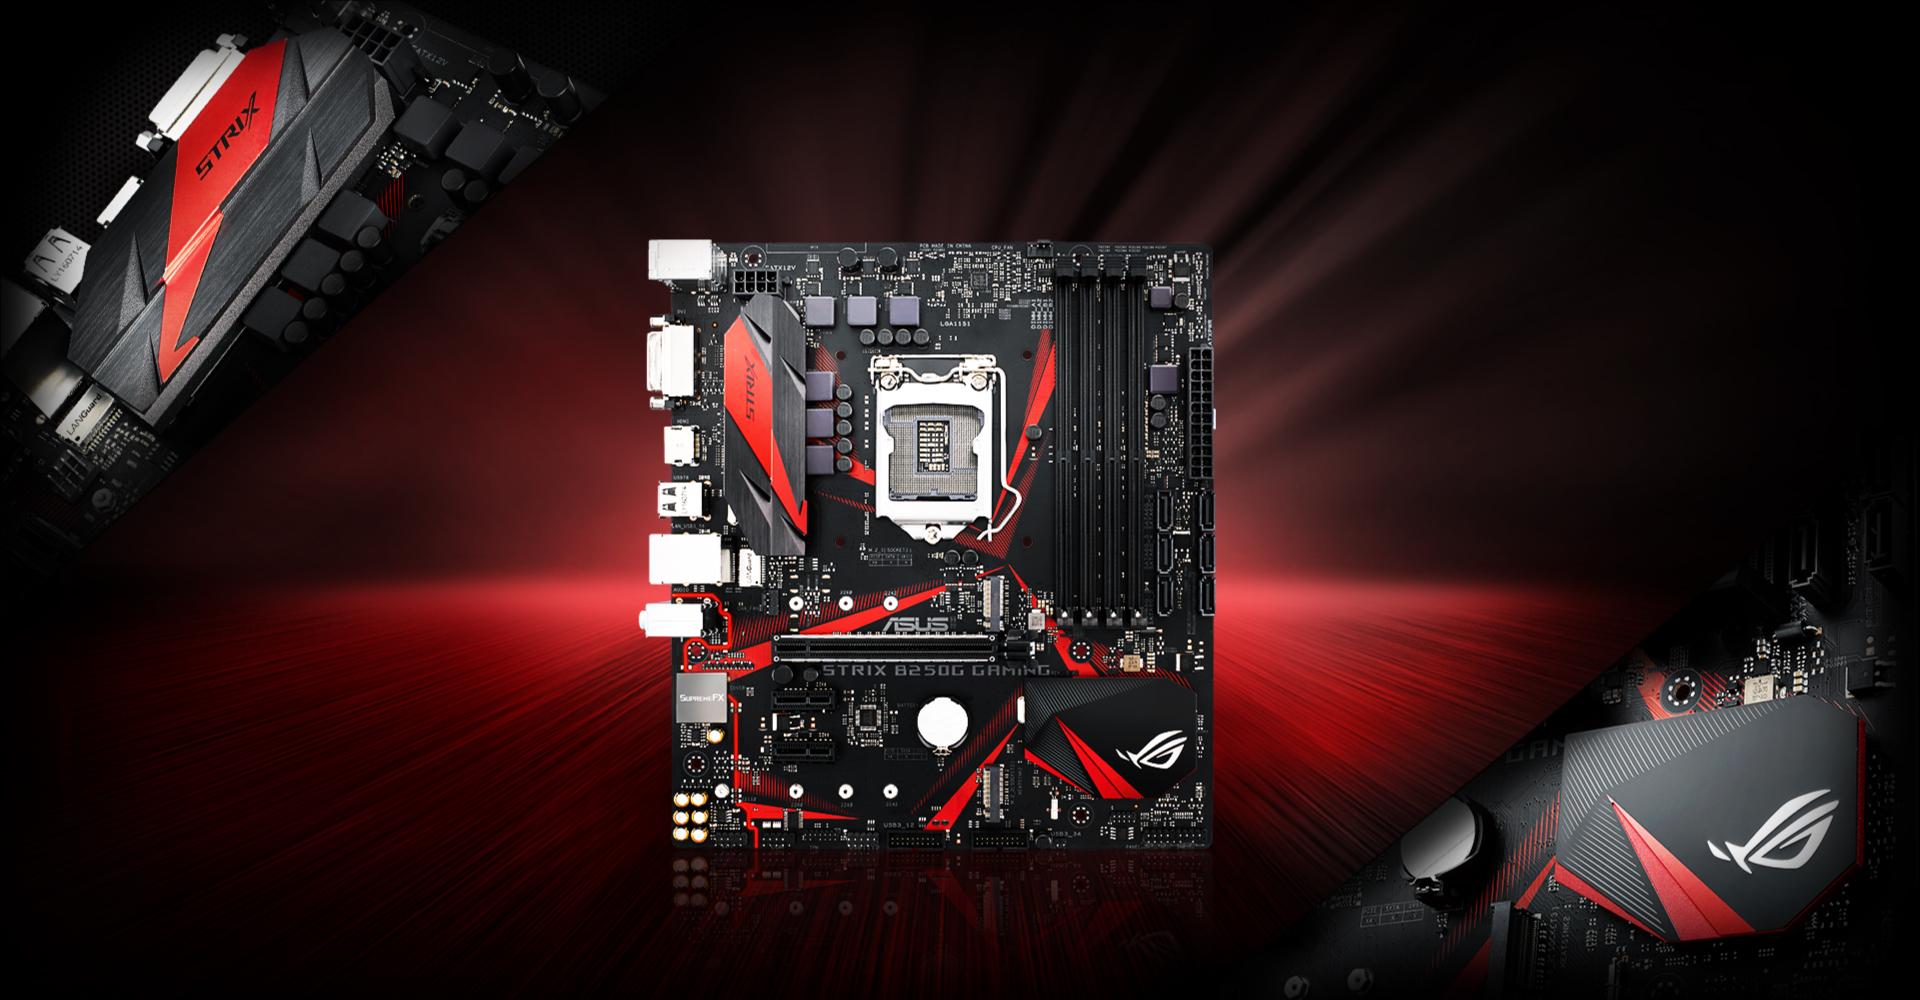 Al pari del suo aspetto aggressivo non aspettatevi basse prestazioni dalla scheda madre ROG Strix B250G Gaming